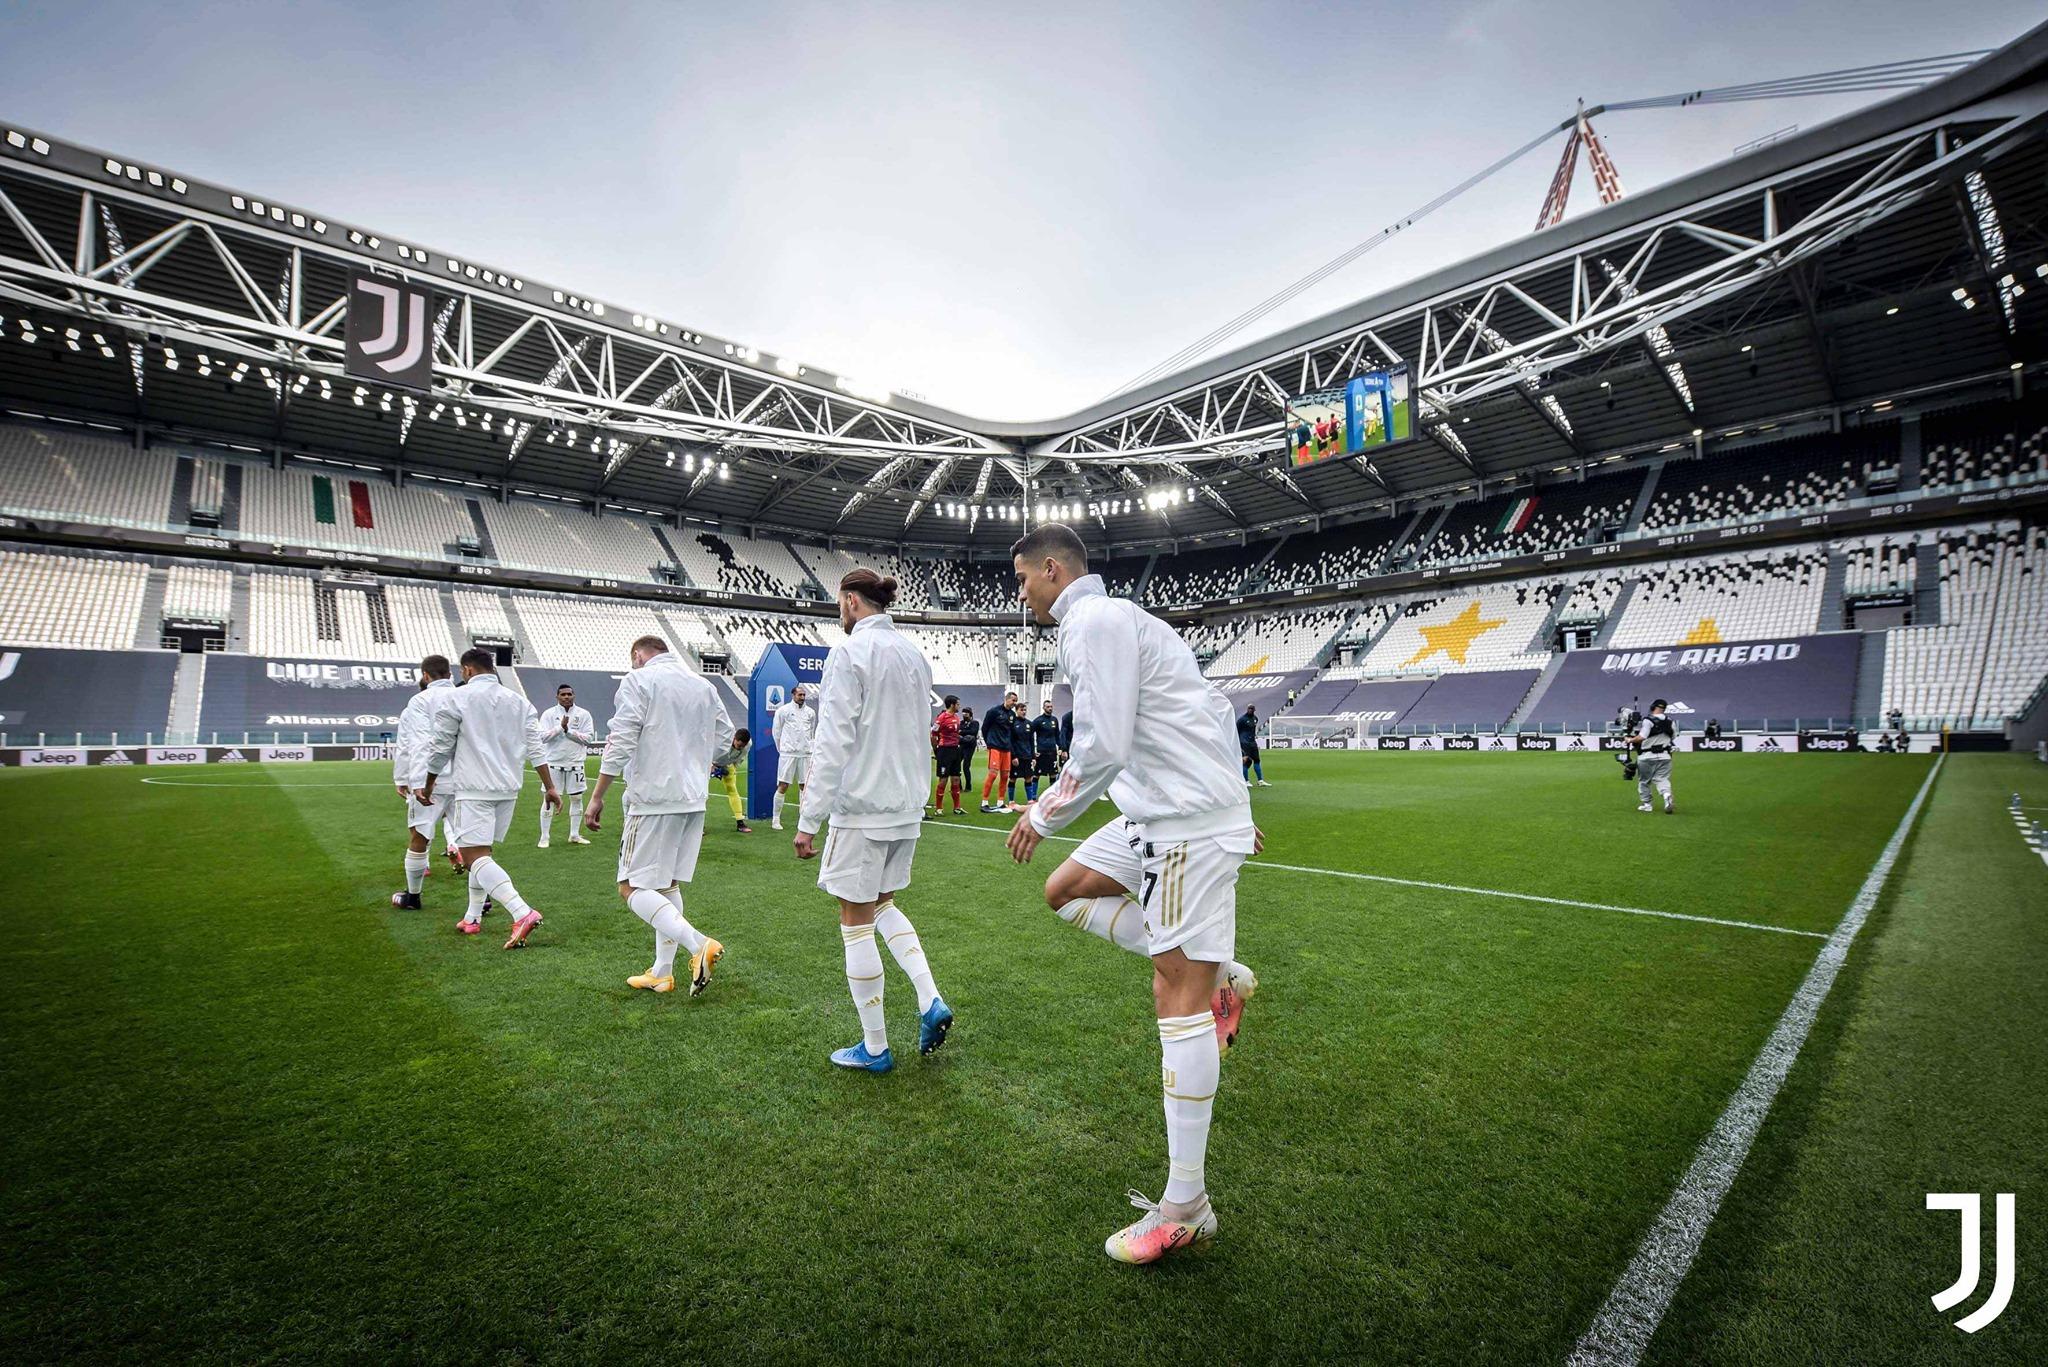 Thôi rồi lượm ơi, Ronaldo có thể phải đá Europa League! - Bóng Đá